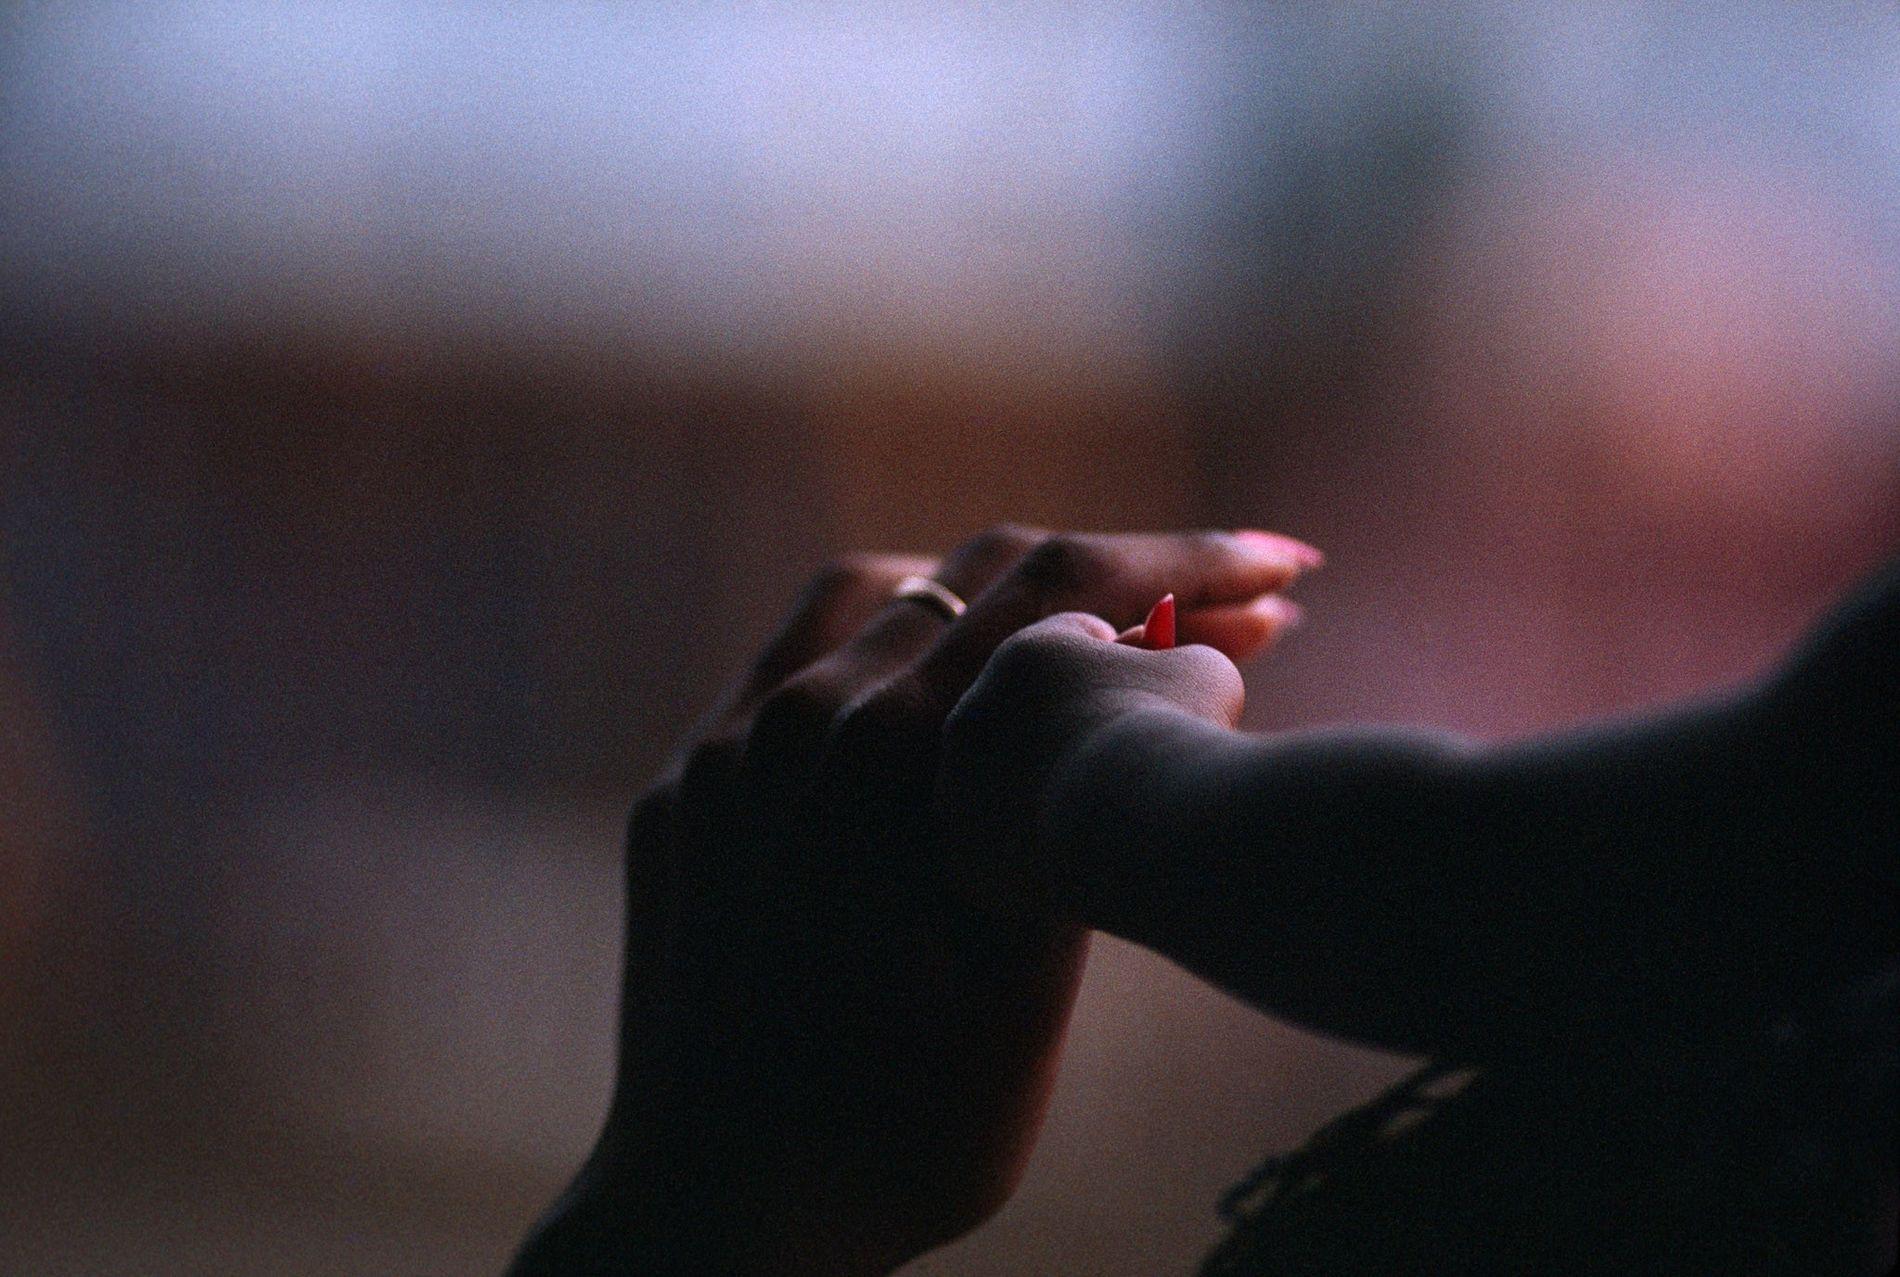 Eine Mutter hält in Port of Spain auf Trinidad die Hand ihres Kindes.